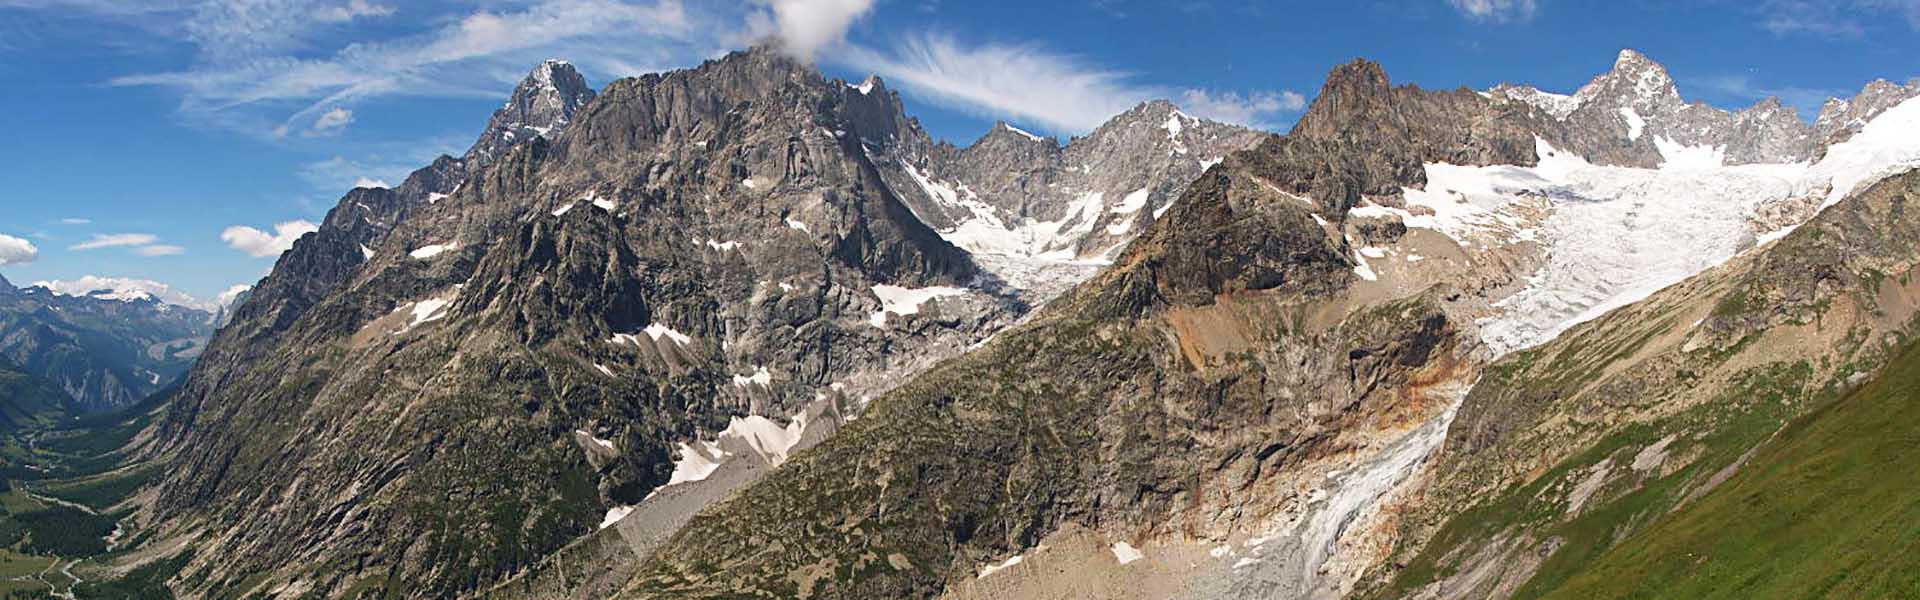 Alps Trek